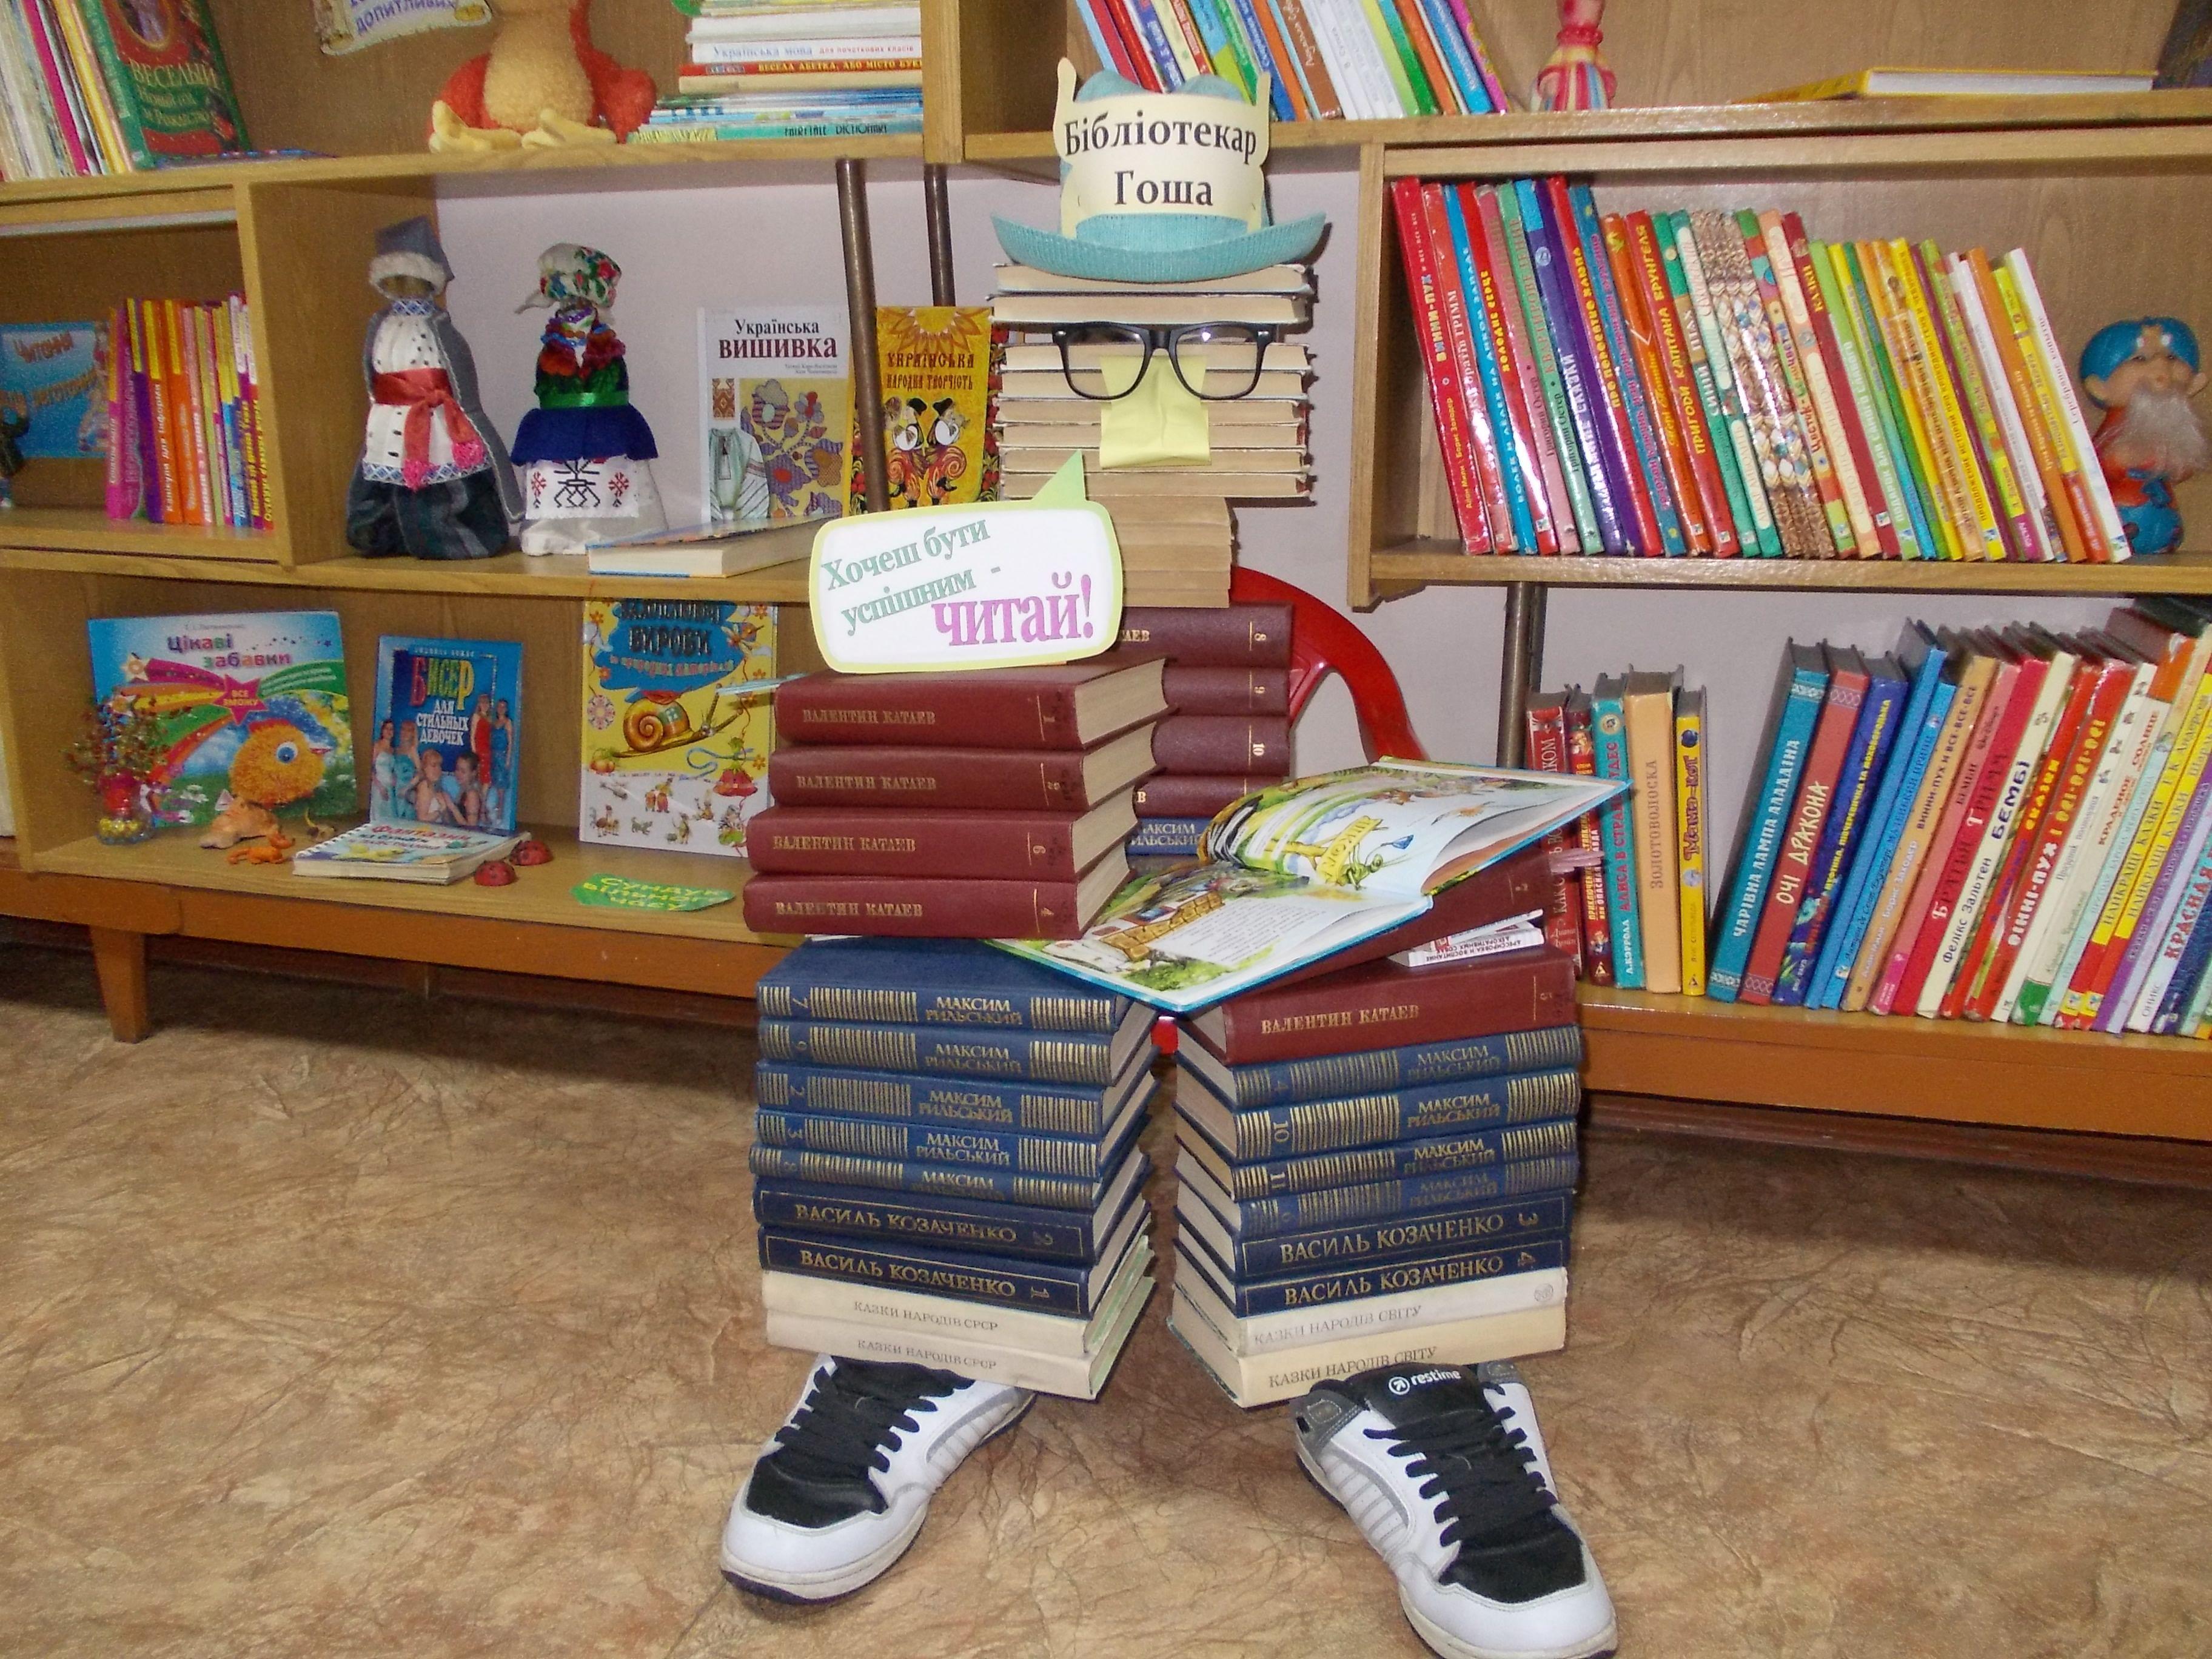 оформление библиотеки своими руками в картинках такие вот они